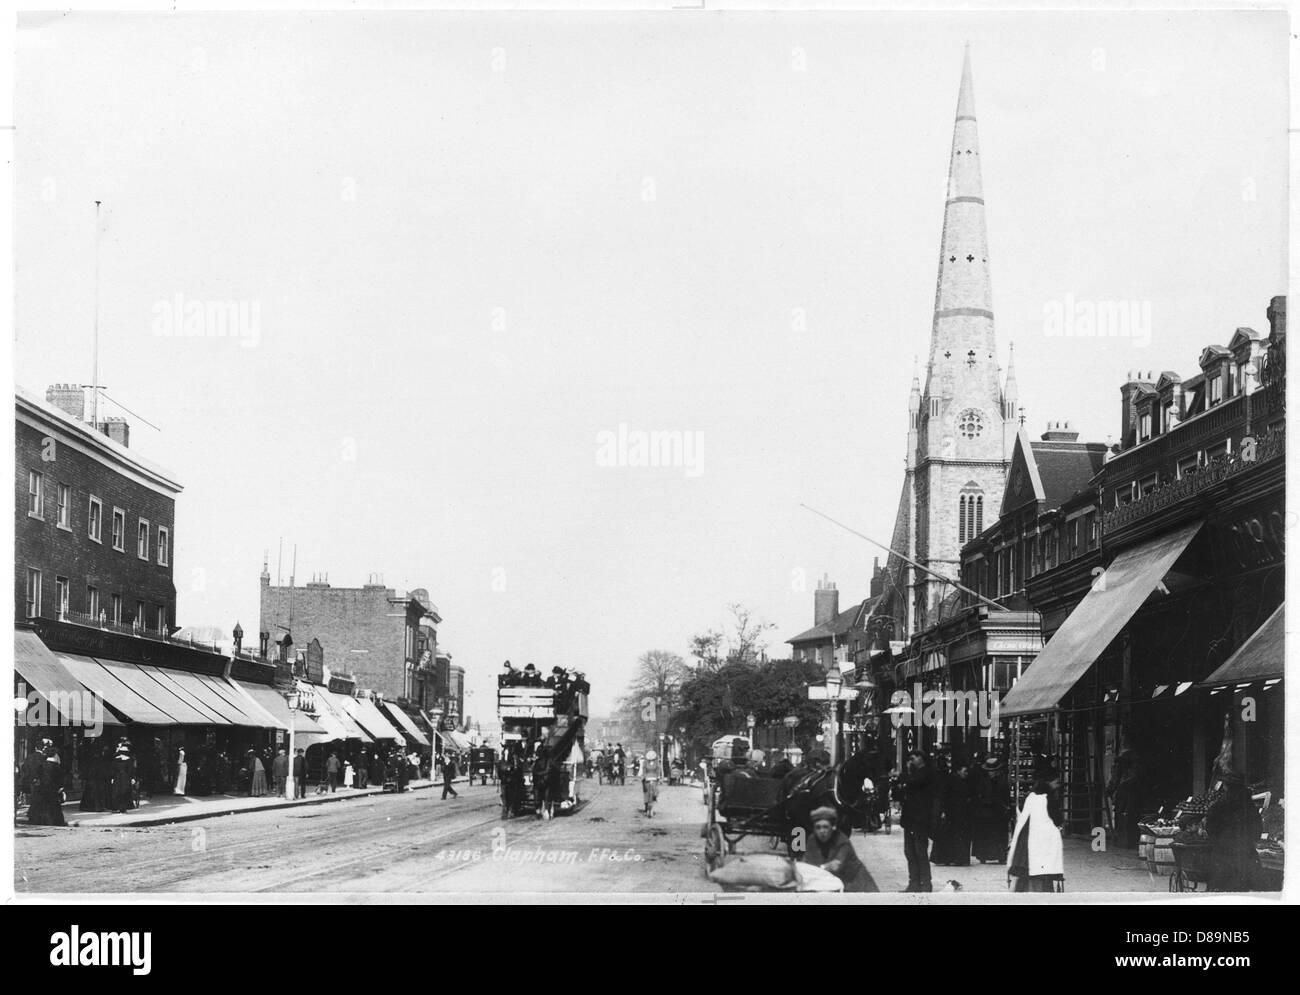 Clapham 1900 - Stock Image